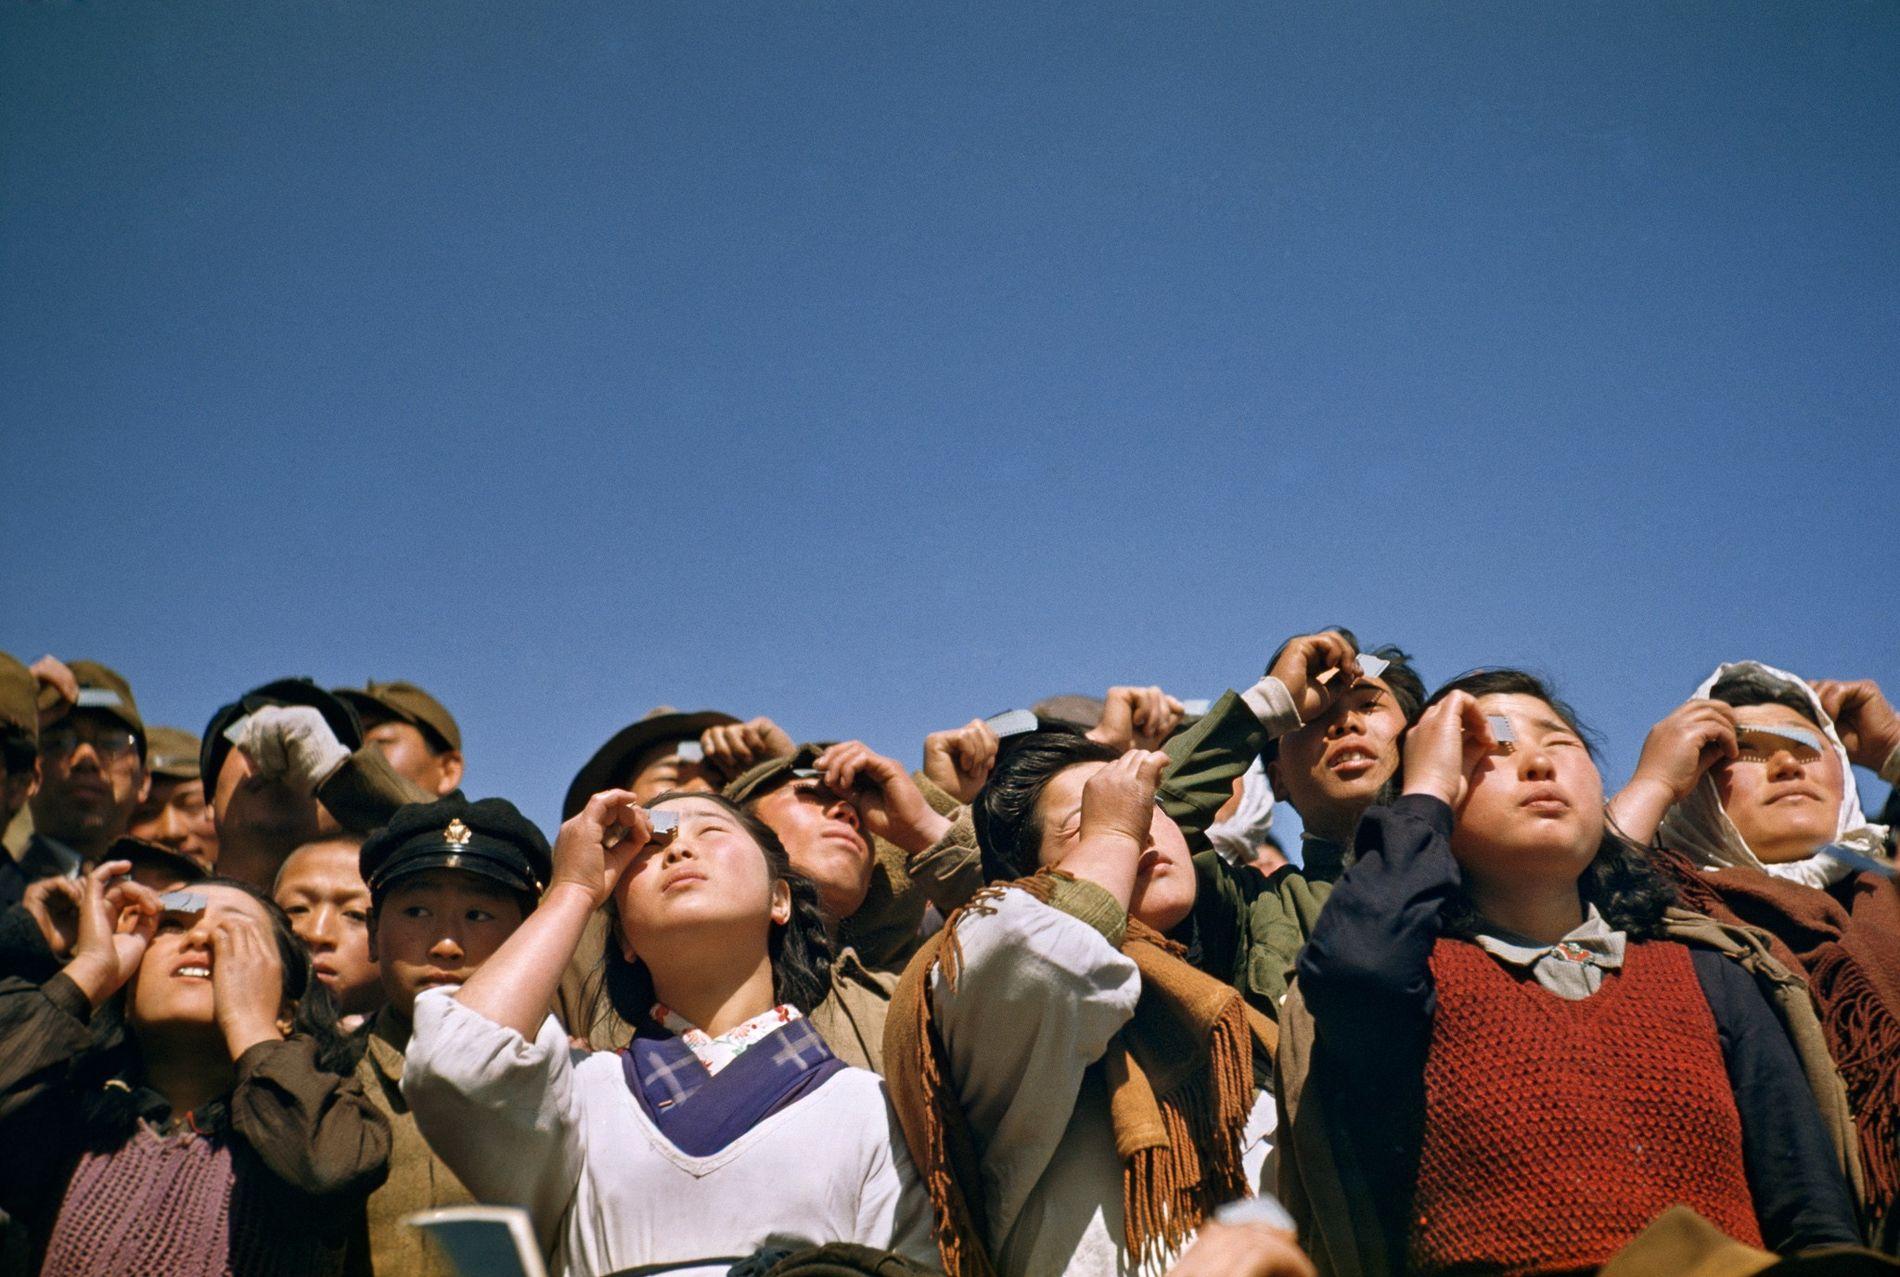 Varias personas observan un eclipse solar a través de láminas o cristales ahumados en la isla Rebun en Japón.